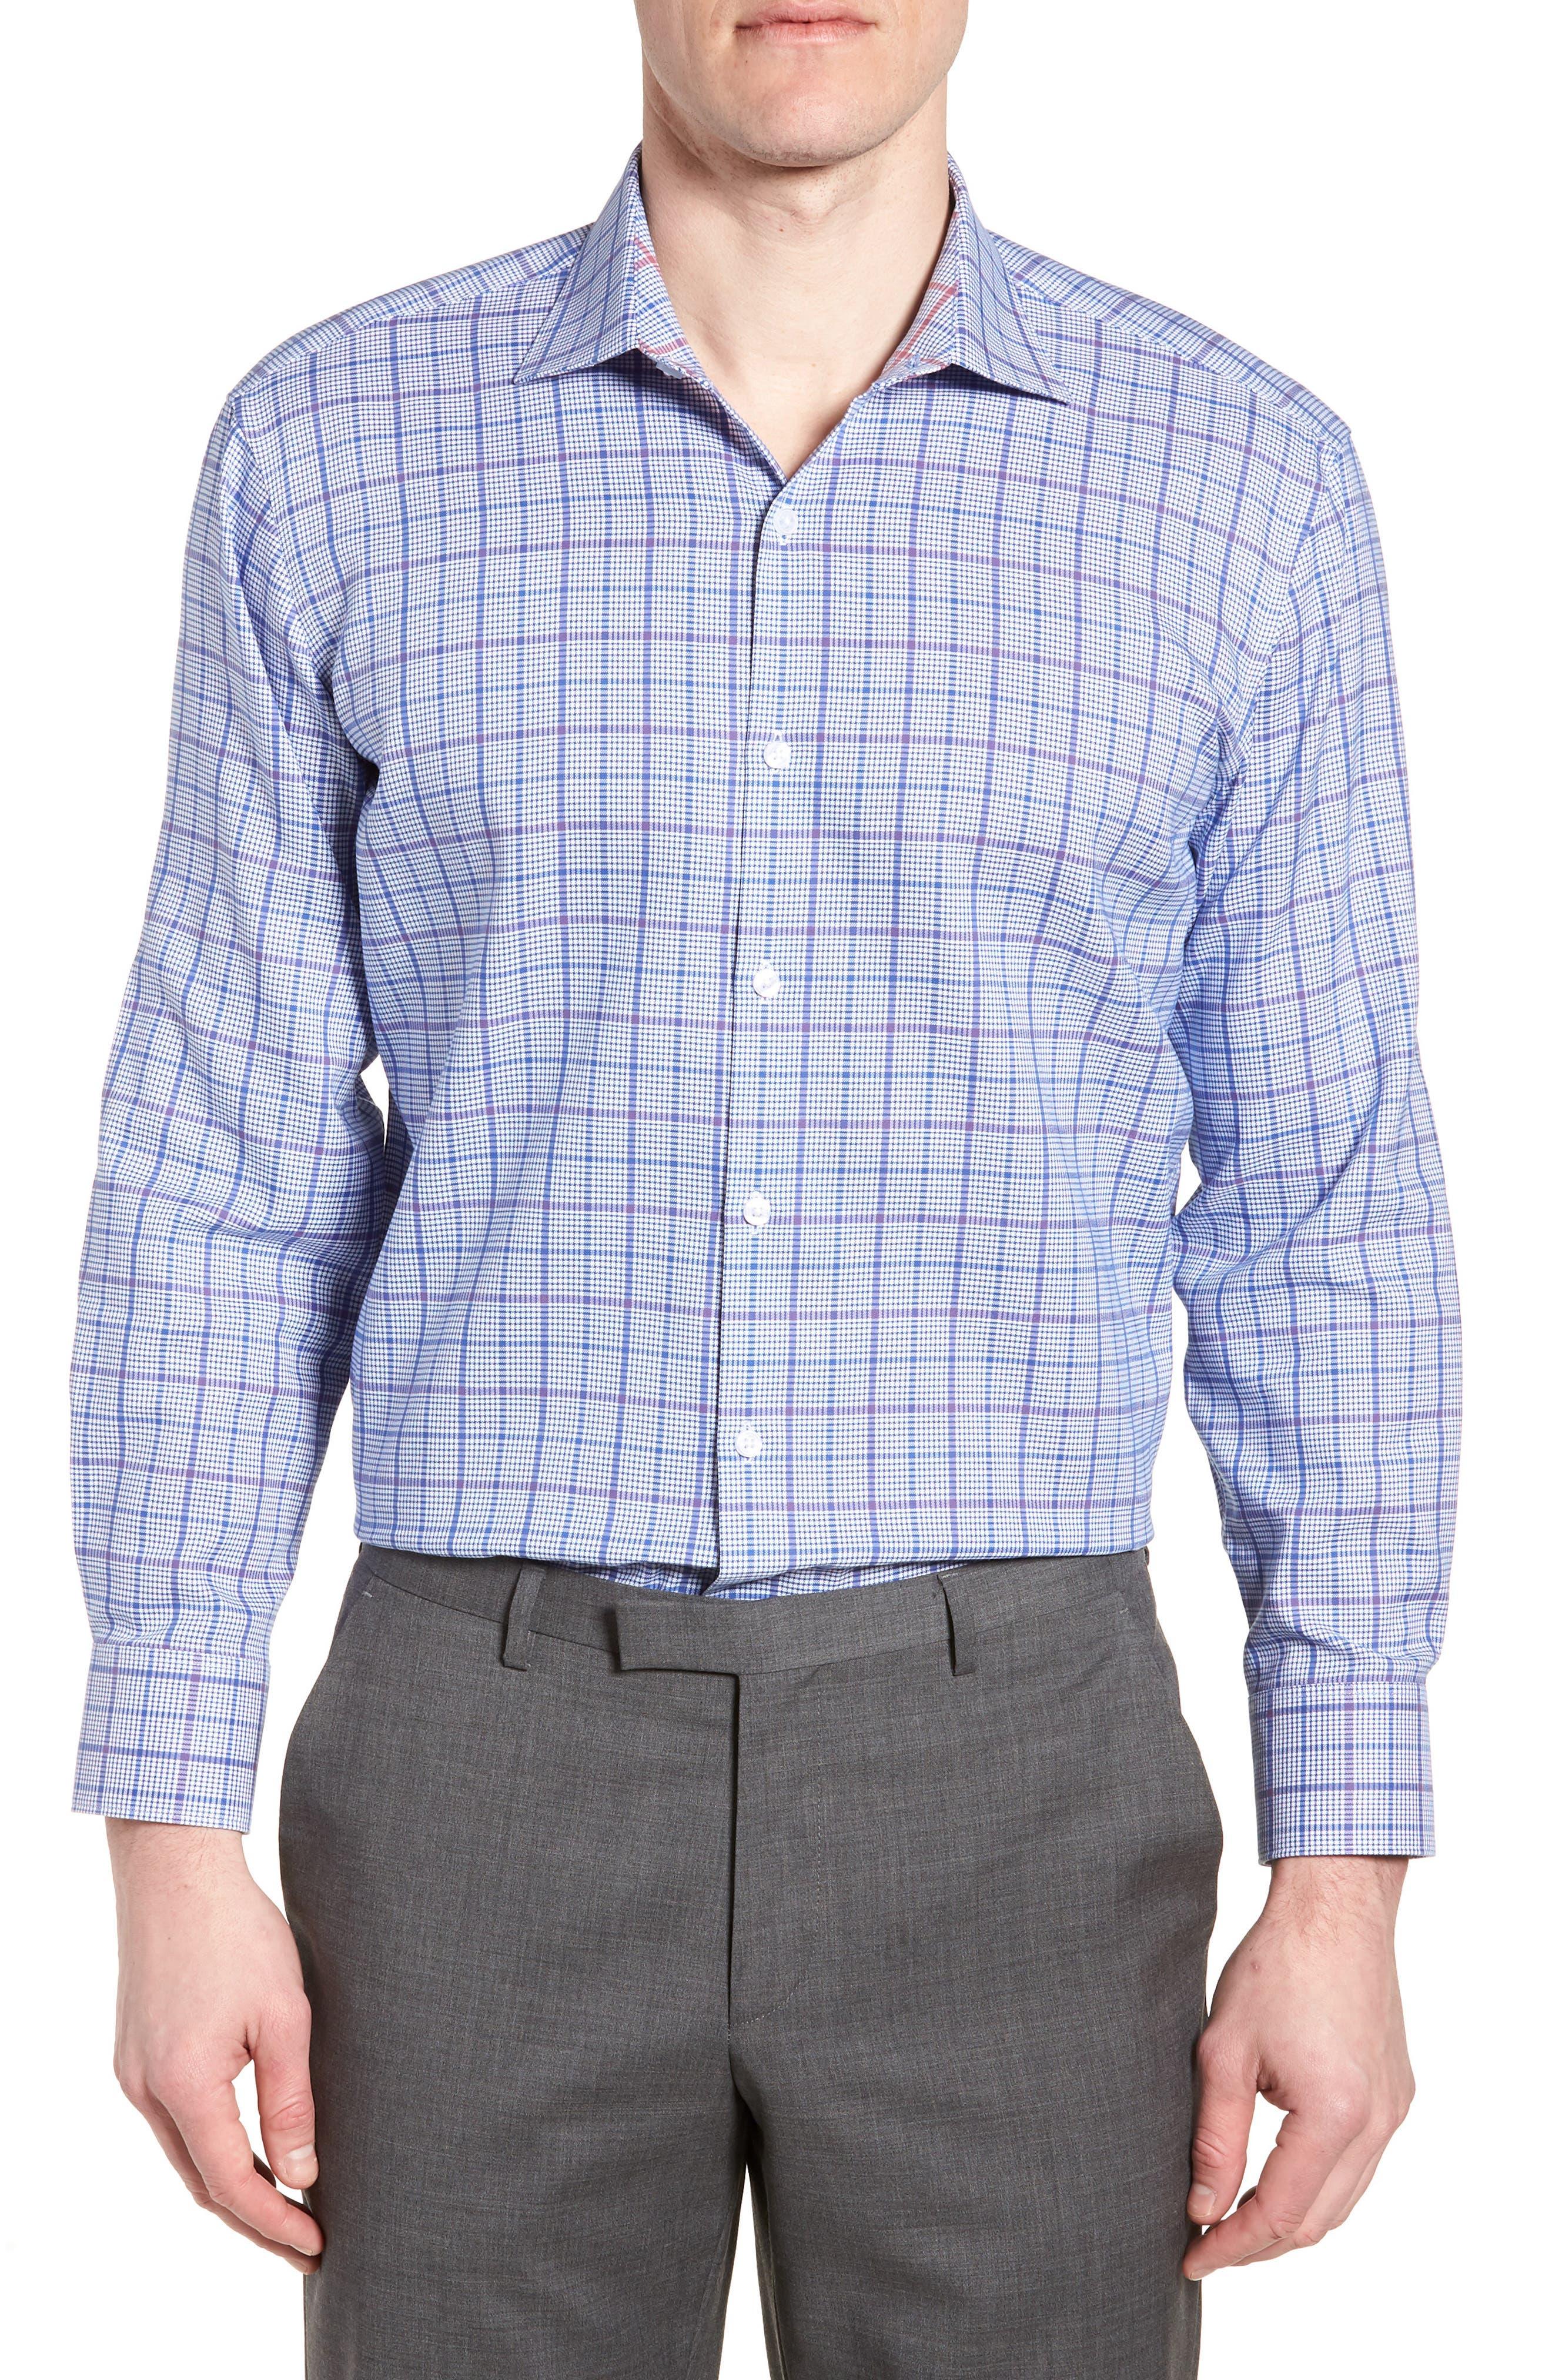 Kaden Trim Fit Plaid Dress Shirt,                             Main thumbnail 1, color,                             430